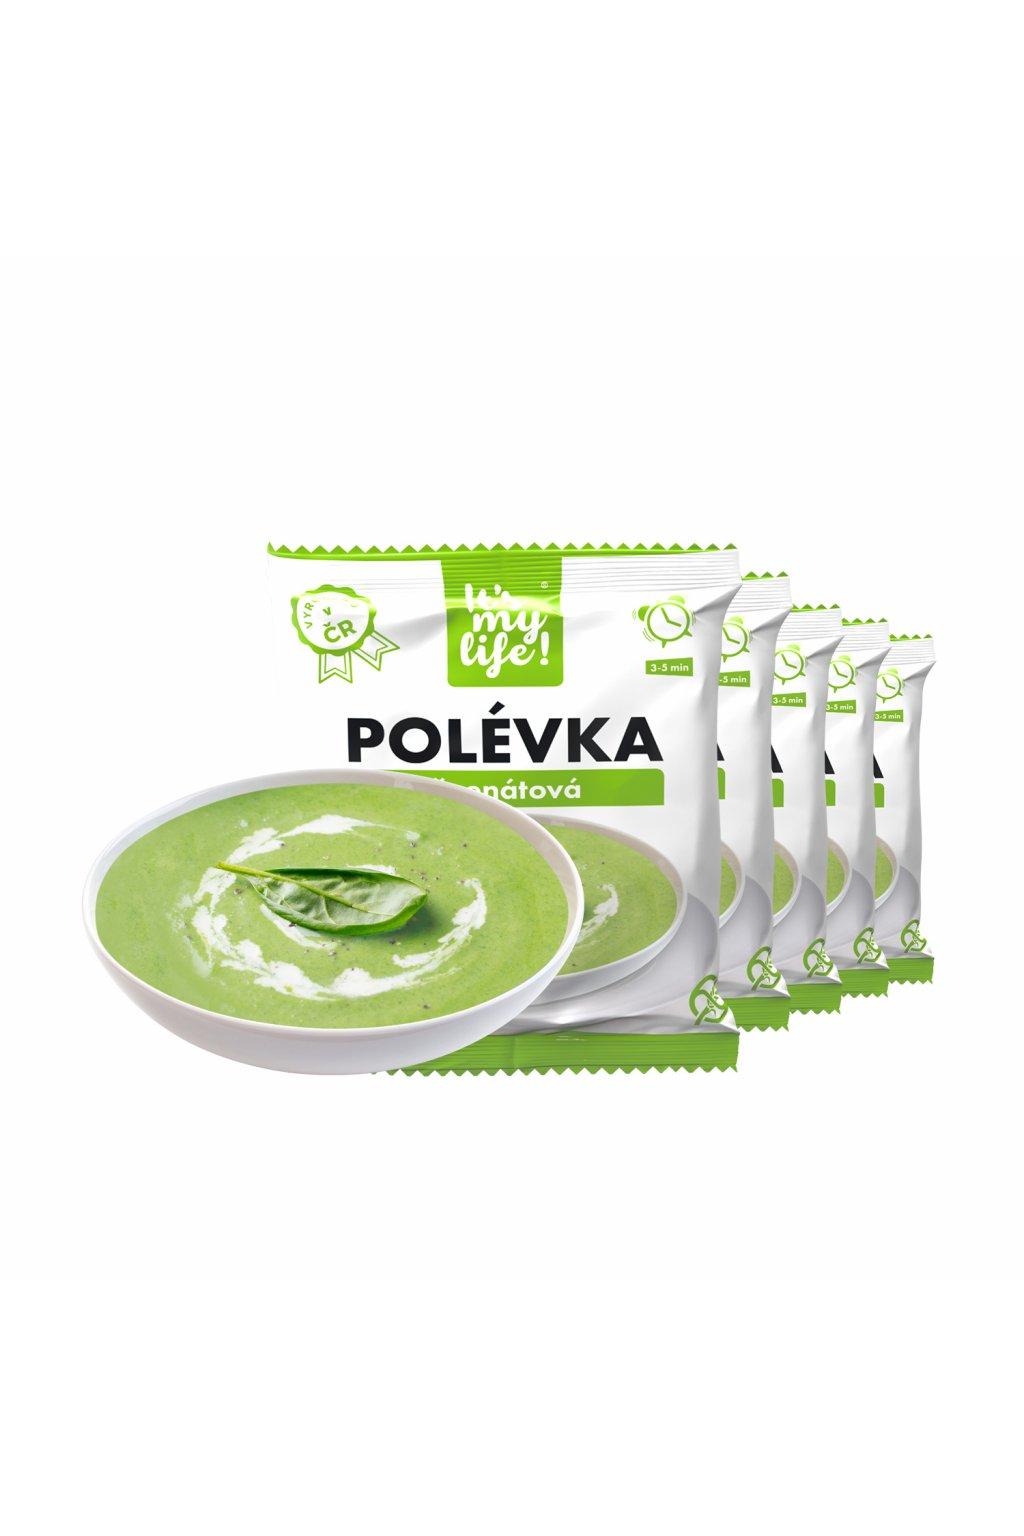 Špenátové proteínové polievky, 200g (5porcií)